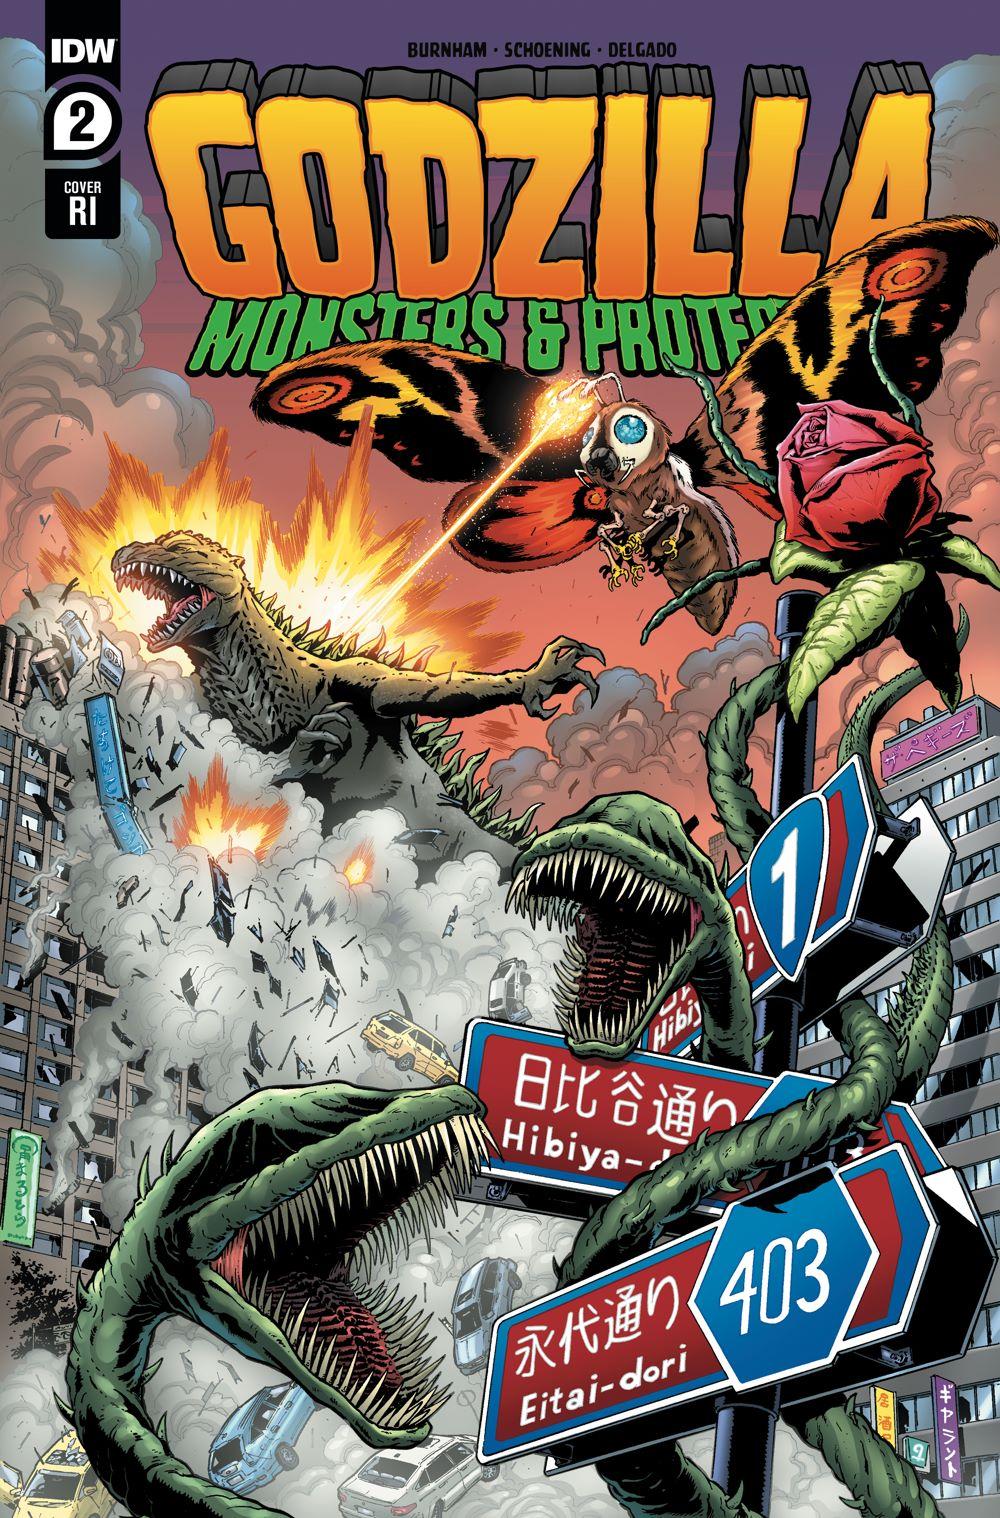 Godzilla_MP02-coverRI ComicList: IDW Publishing New Releases for 05/19/2021